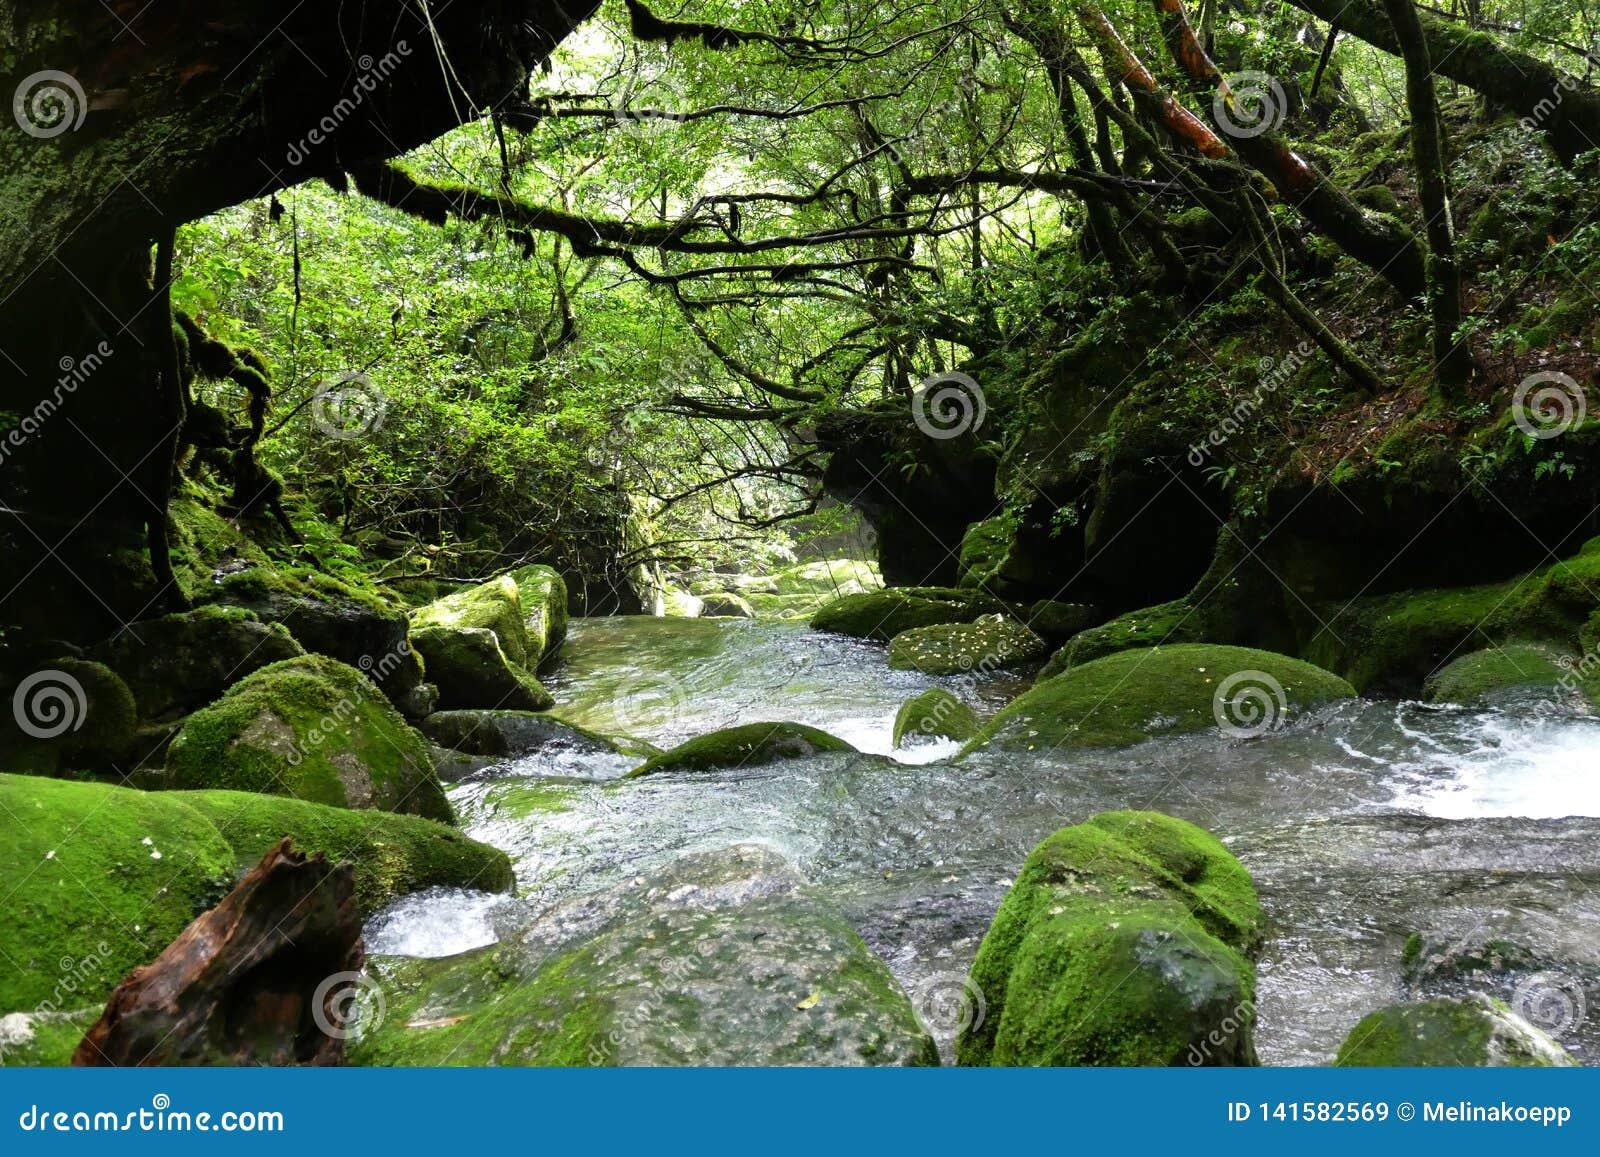 Overgaand door een stroom in het bos van Yakushima, Japan